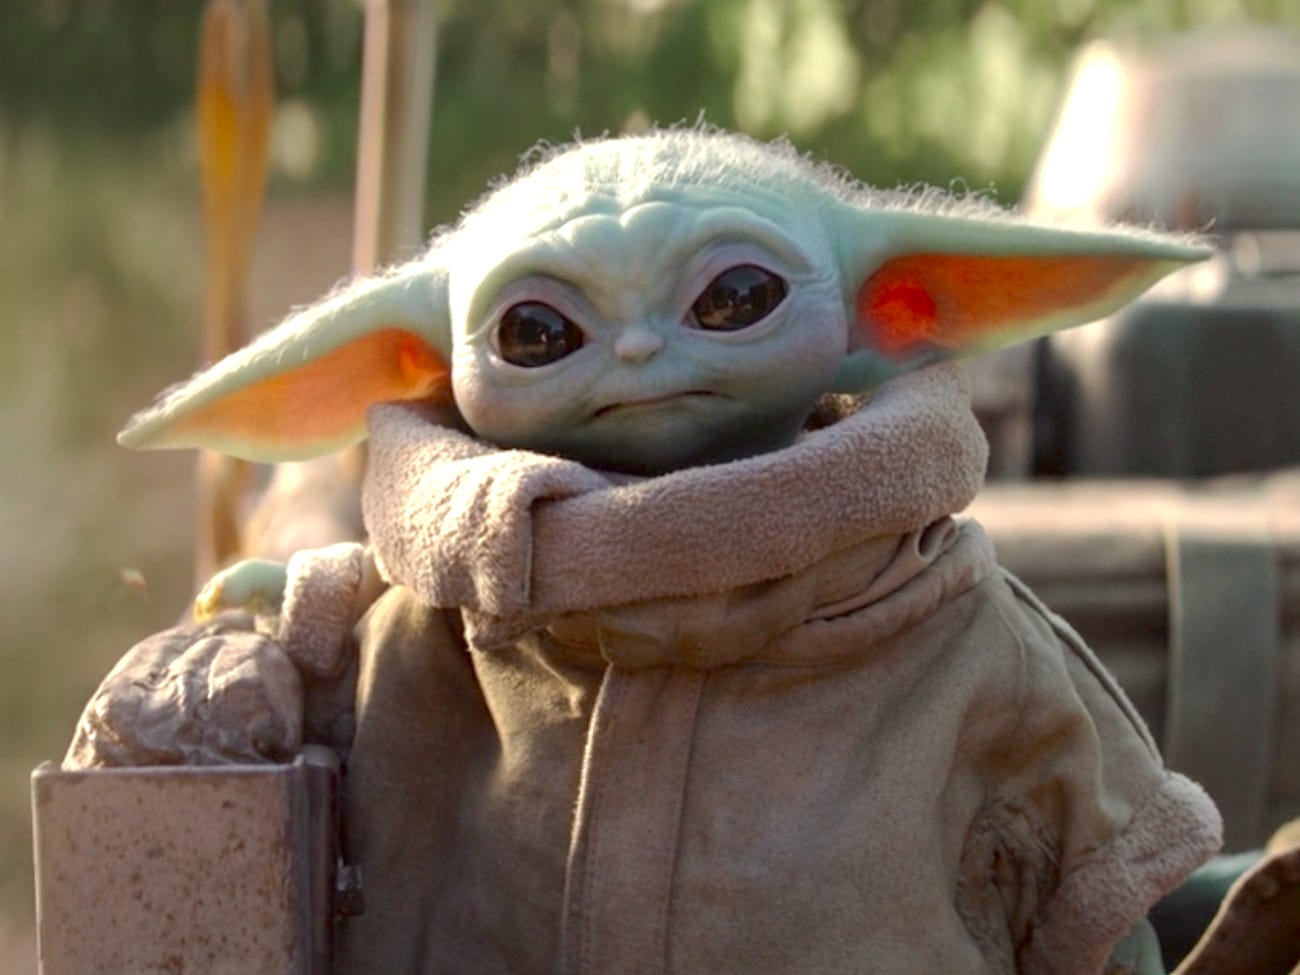 Na most legyen elég: késhetnek a Baby Yoda játékok a koronavírus miatt